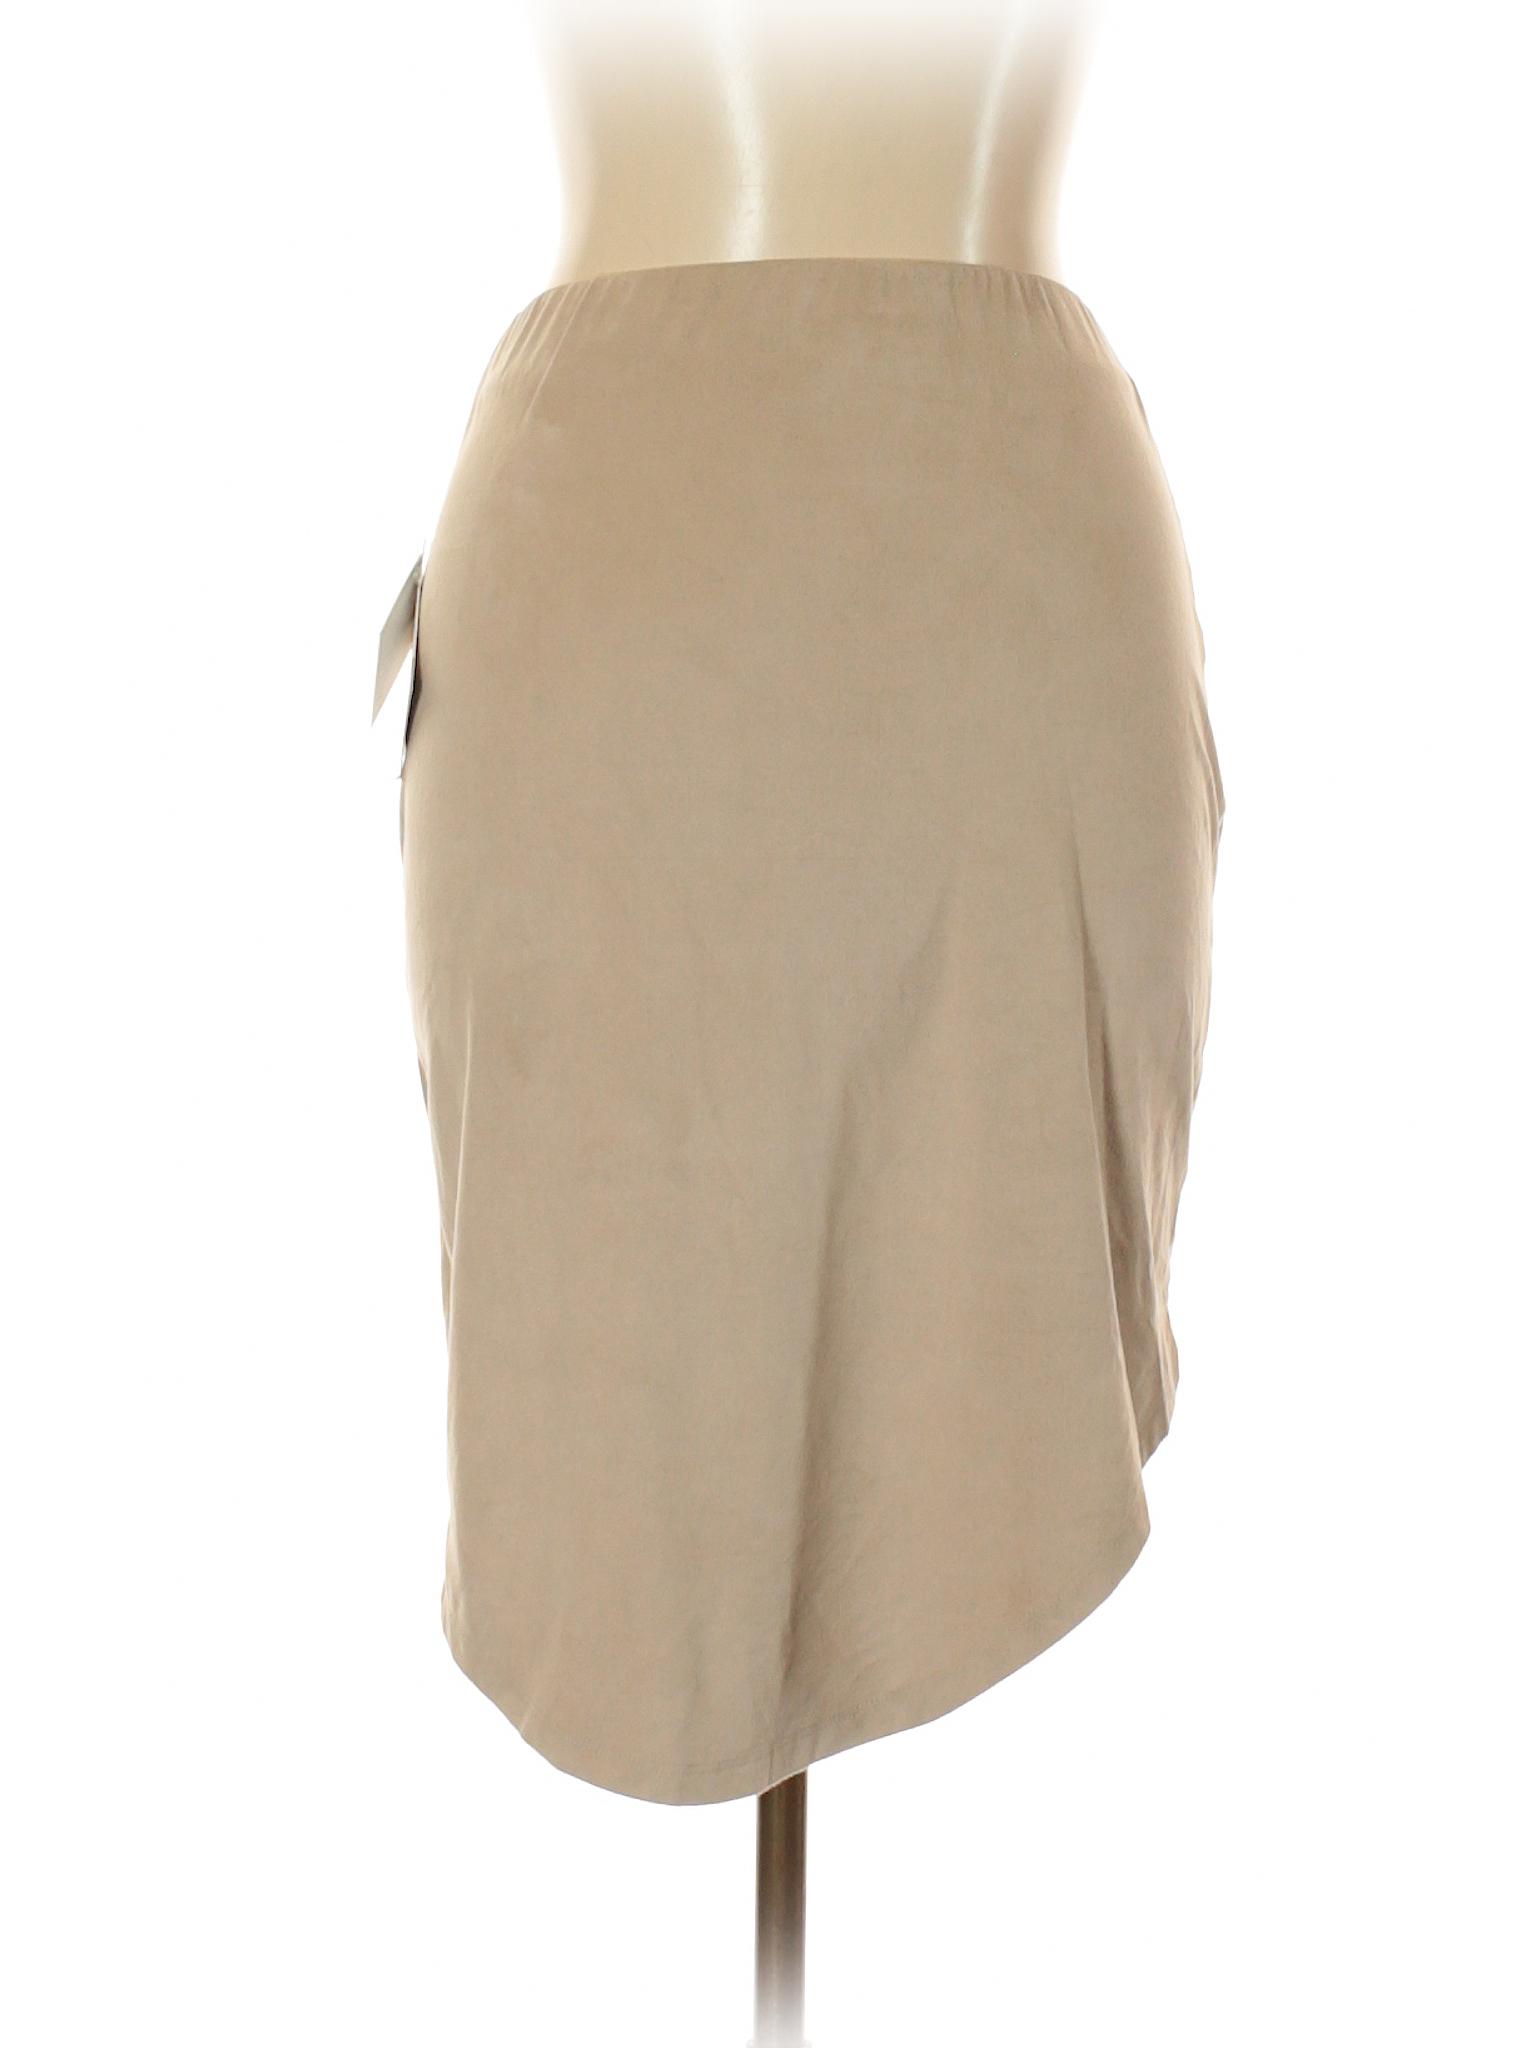 Casual Leisure Kensie Leisure Skirt Casual Skirt Winter Winter Leisure Kensie vOqw81R